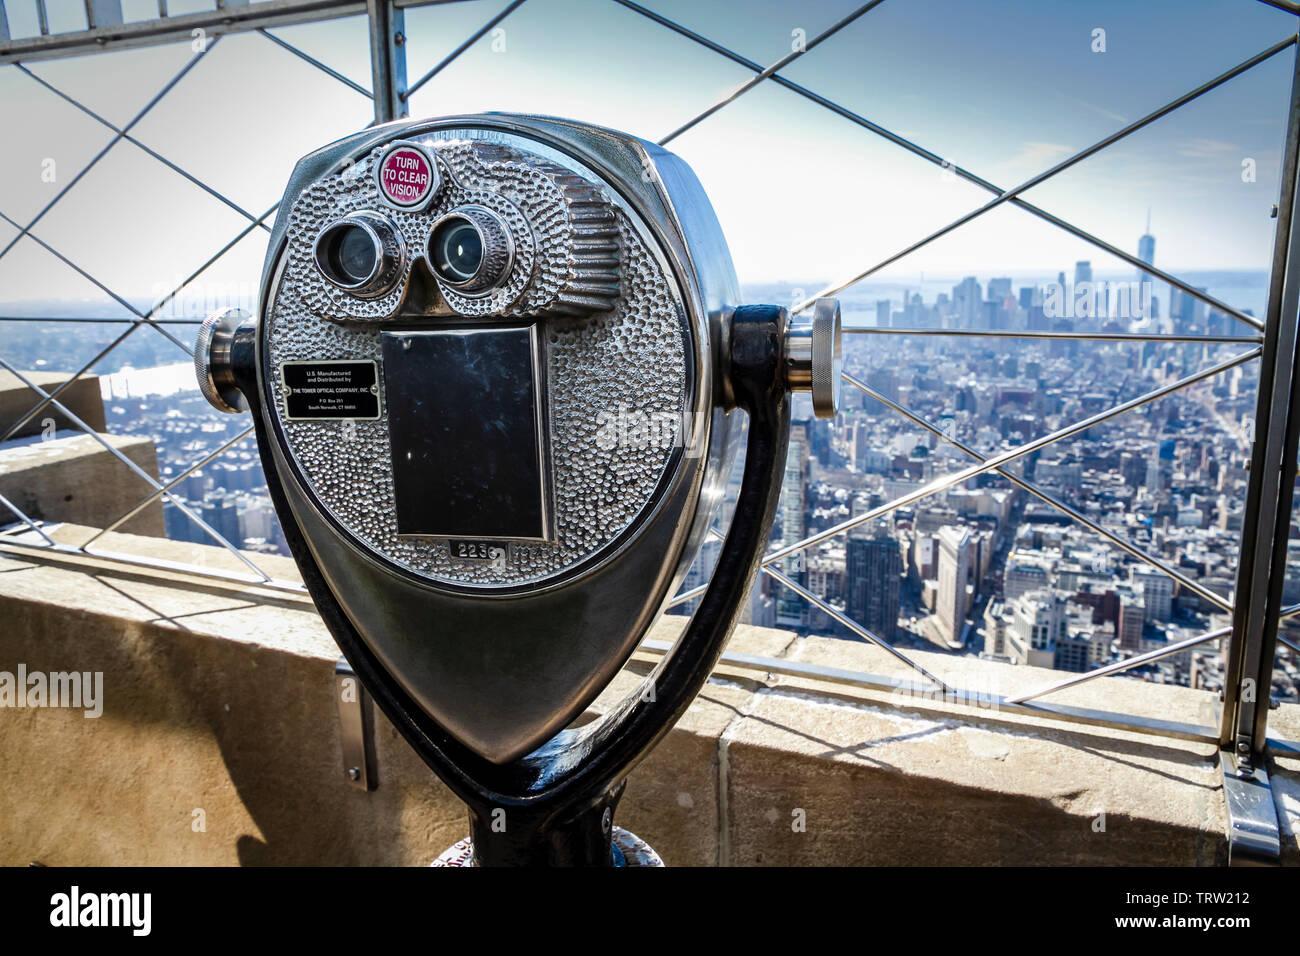 Tower Optical Stock Photos & Tower Optical Stock Images - Alamy